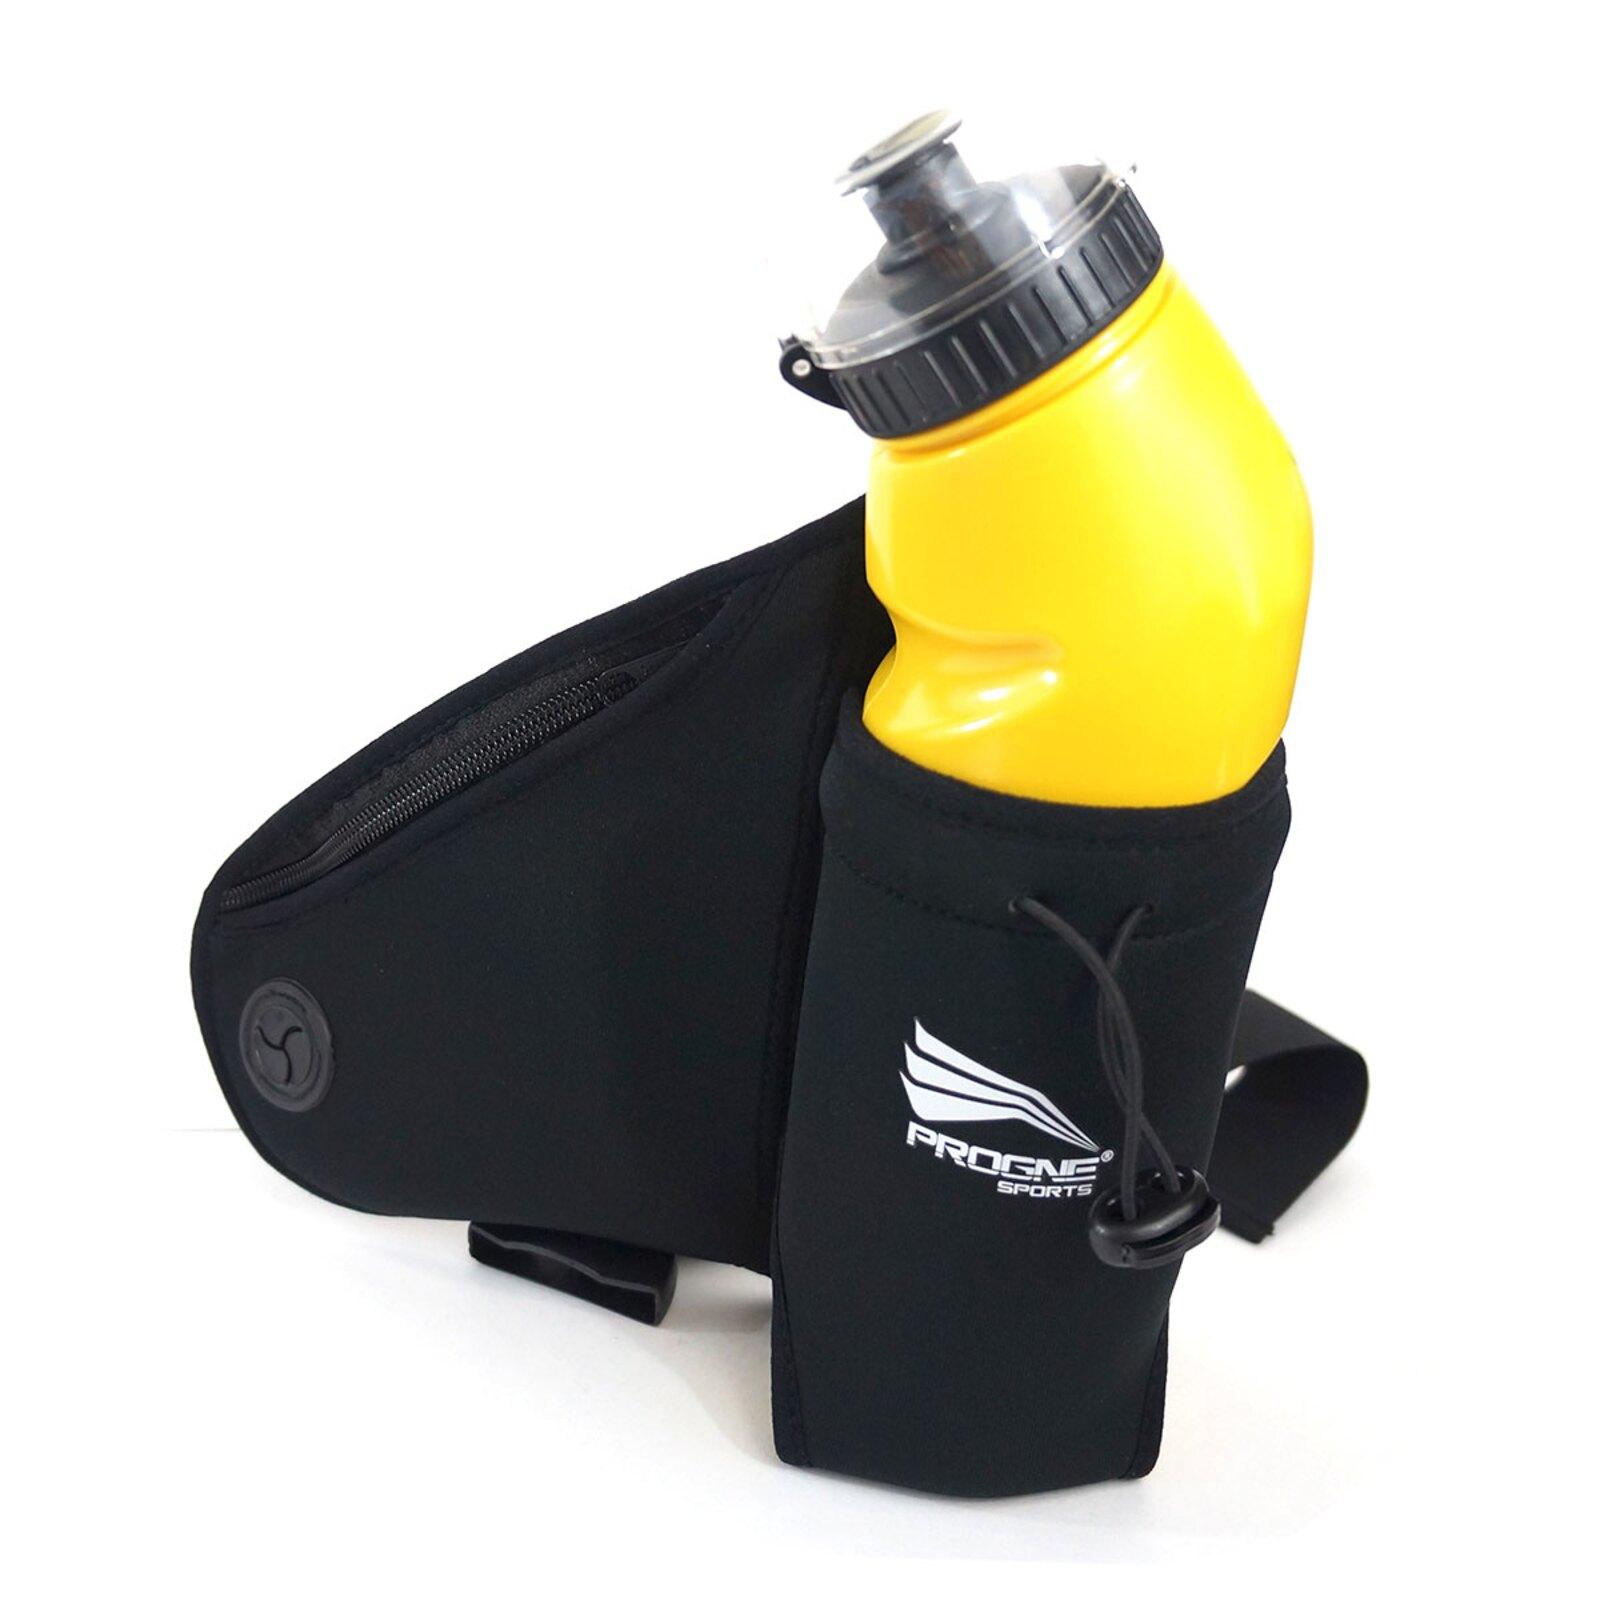 Pochete Neoprene - Hidratação Corrida Bike - Progne